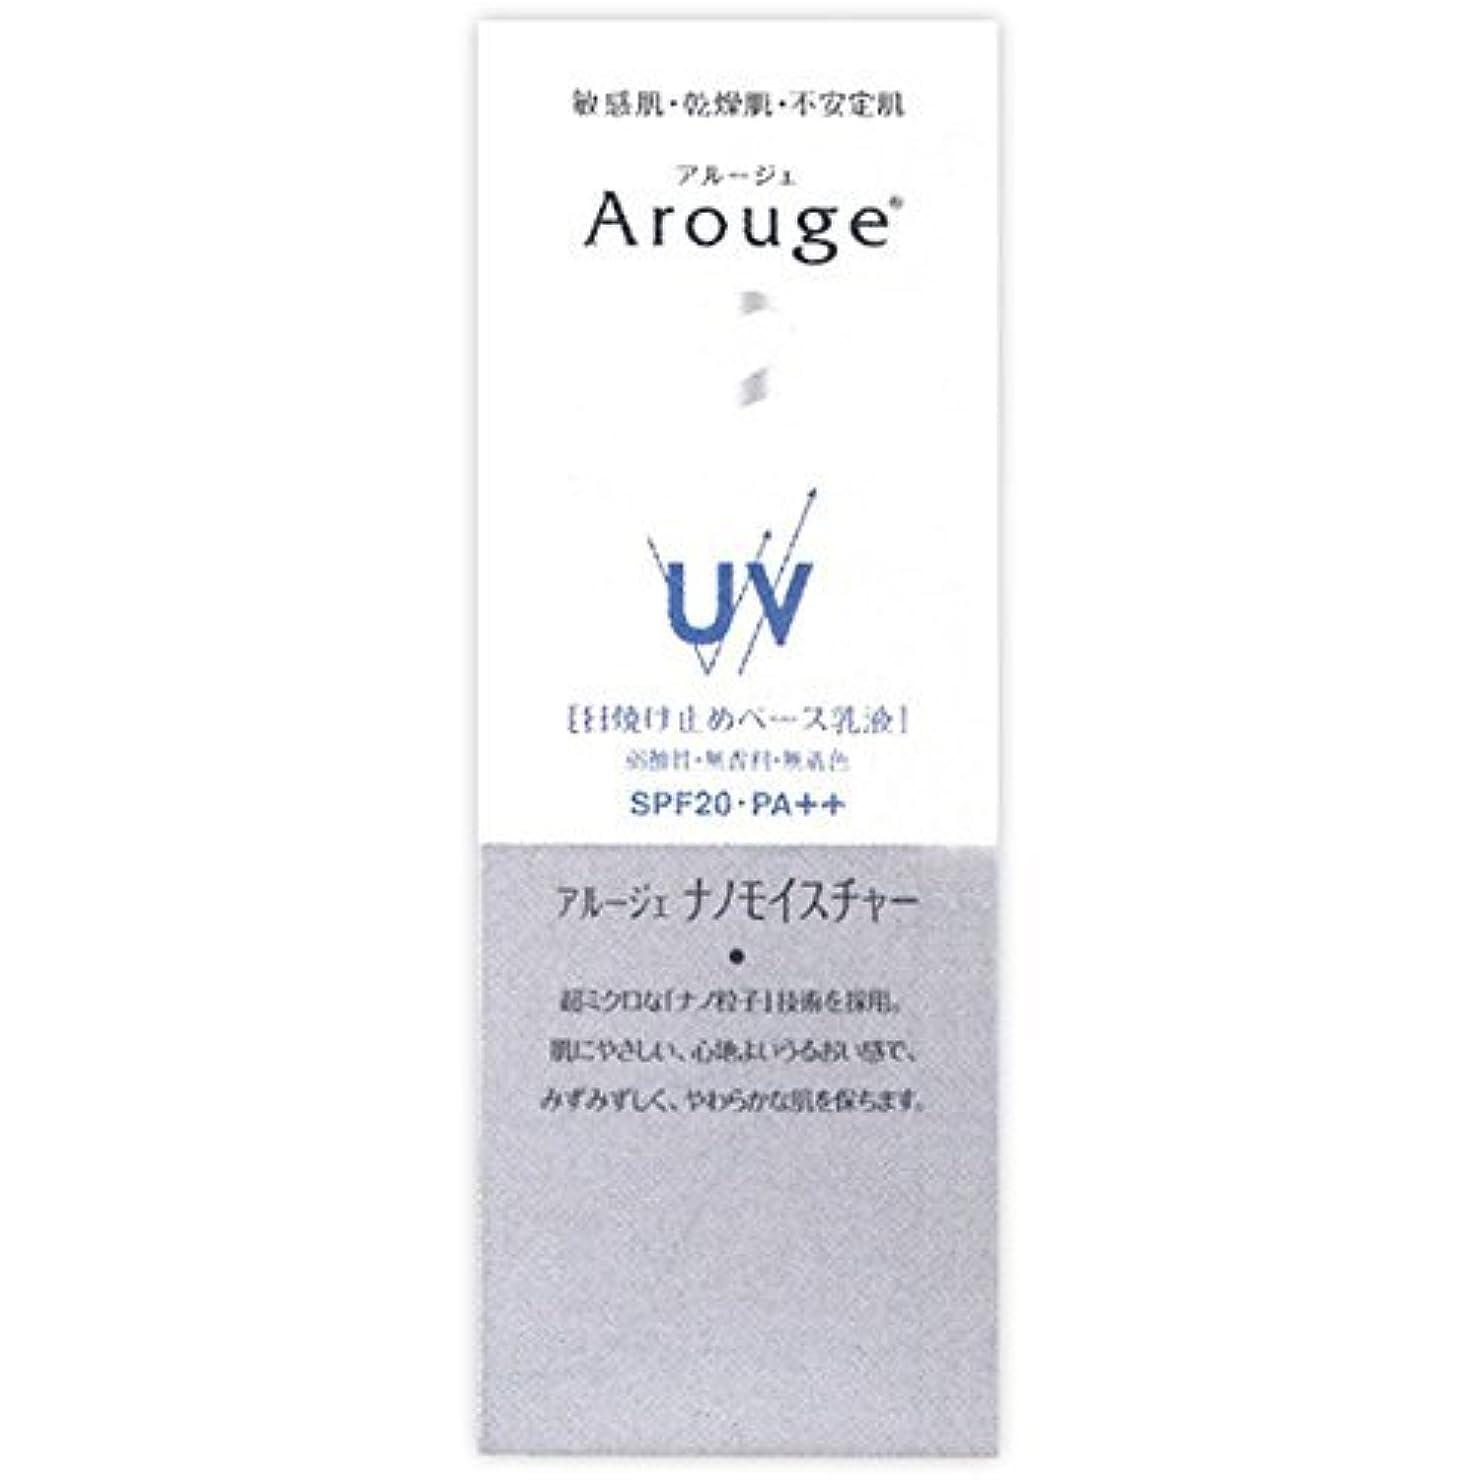 補充薬剤師限界アルージェ UV モイストビューティーアップ日焼け止めベース乳液25g (SPF20?PA++)